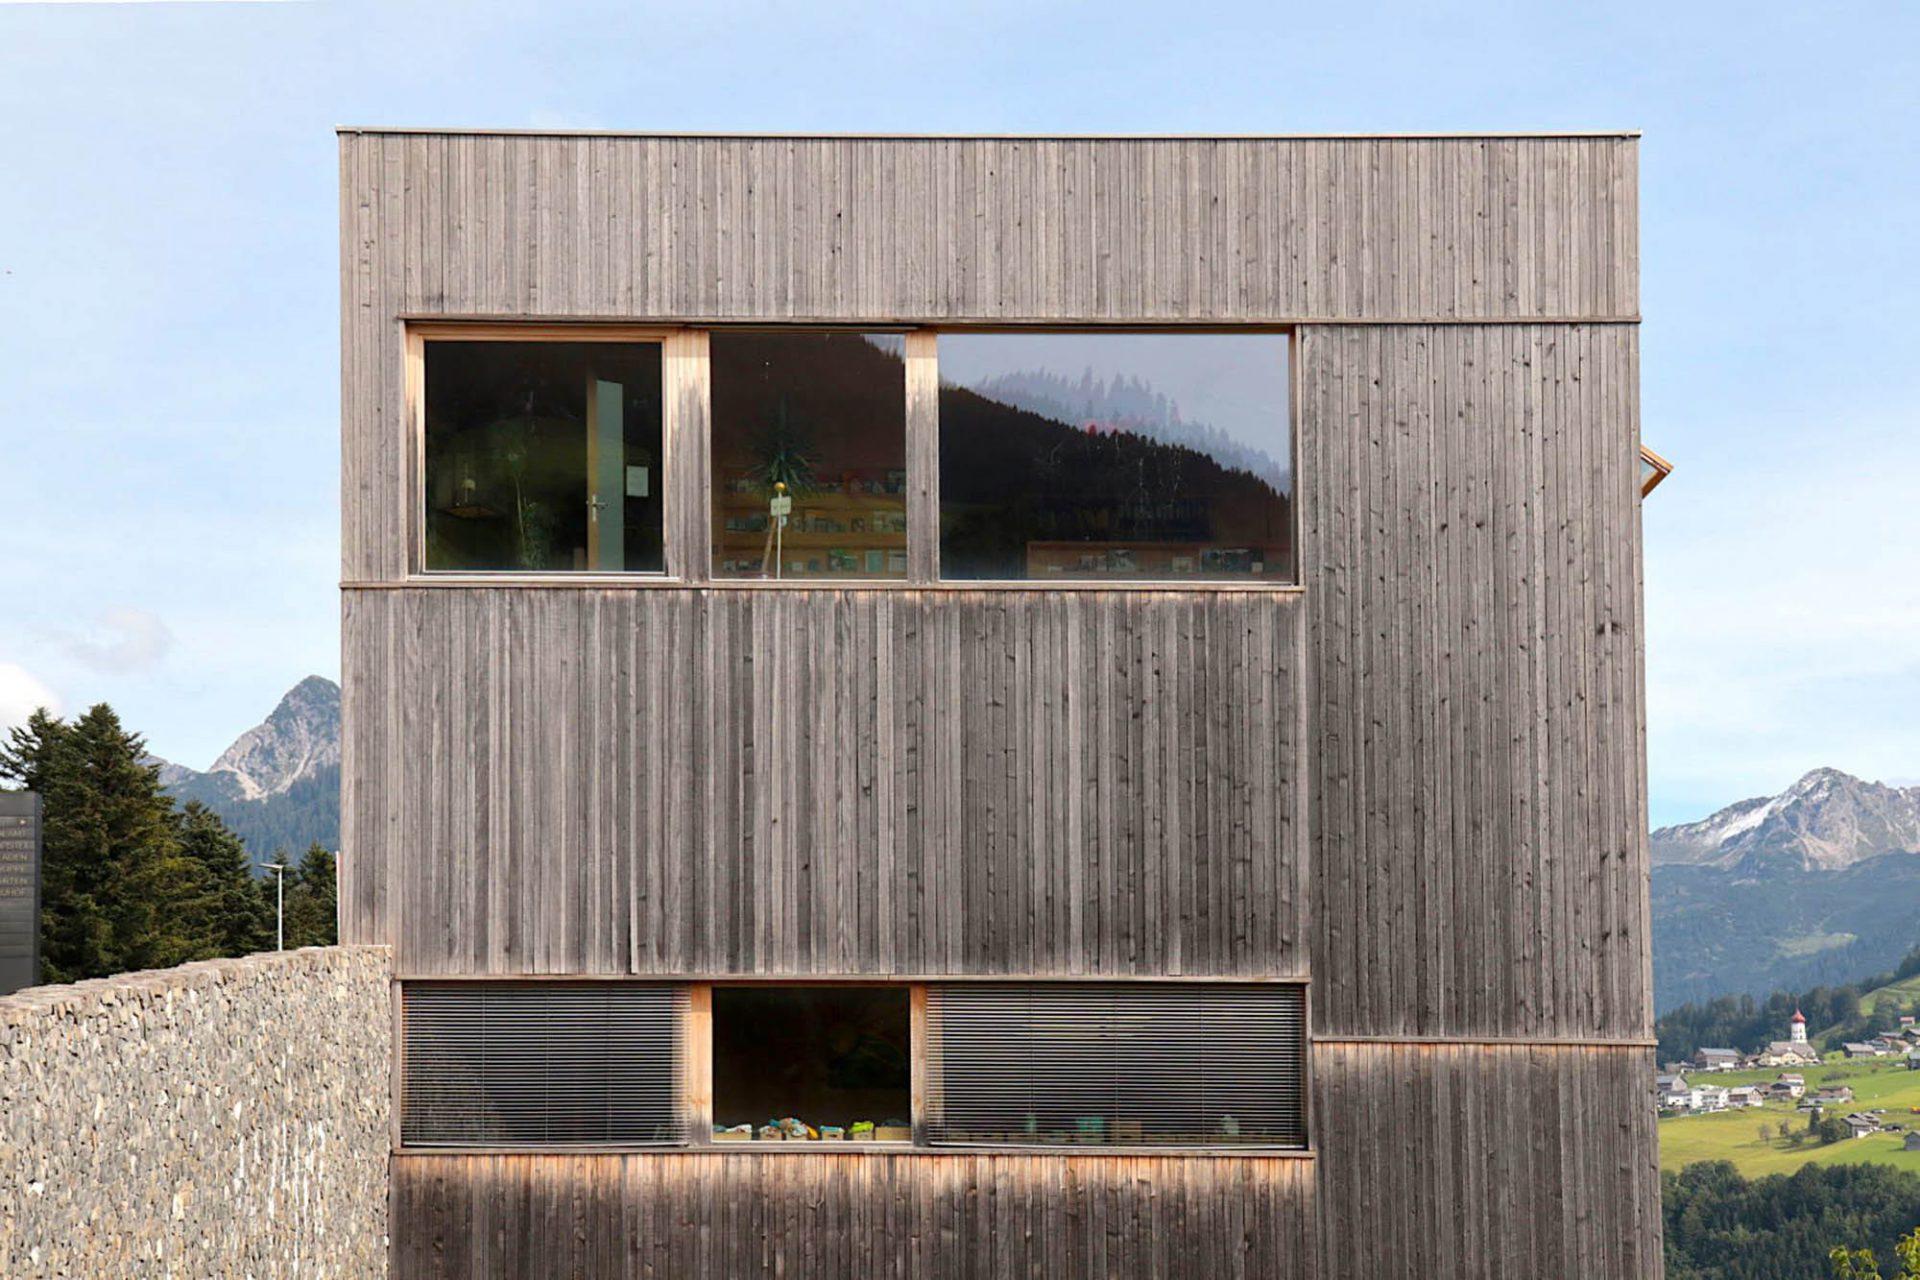 Gemeindezentrum St. Gerold. Es war der erste viergeschossige Holzbau in Vorarlberg. Die Liftkonstruktion und -auskleidung aus Leimholz wurde ausschließlich aus lokalem Holz mit heimischen Handwerksbetrieben errichtet.